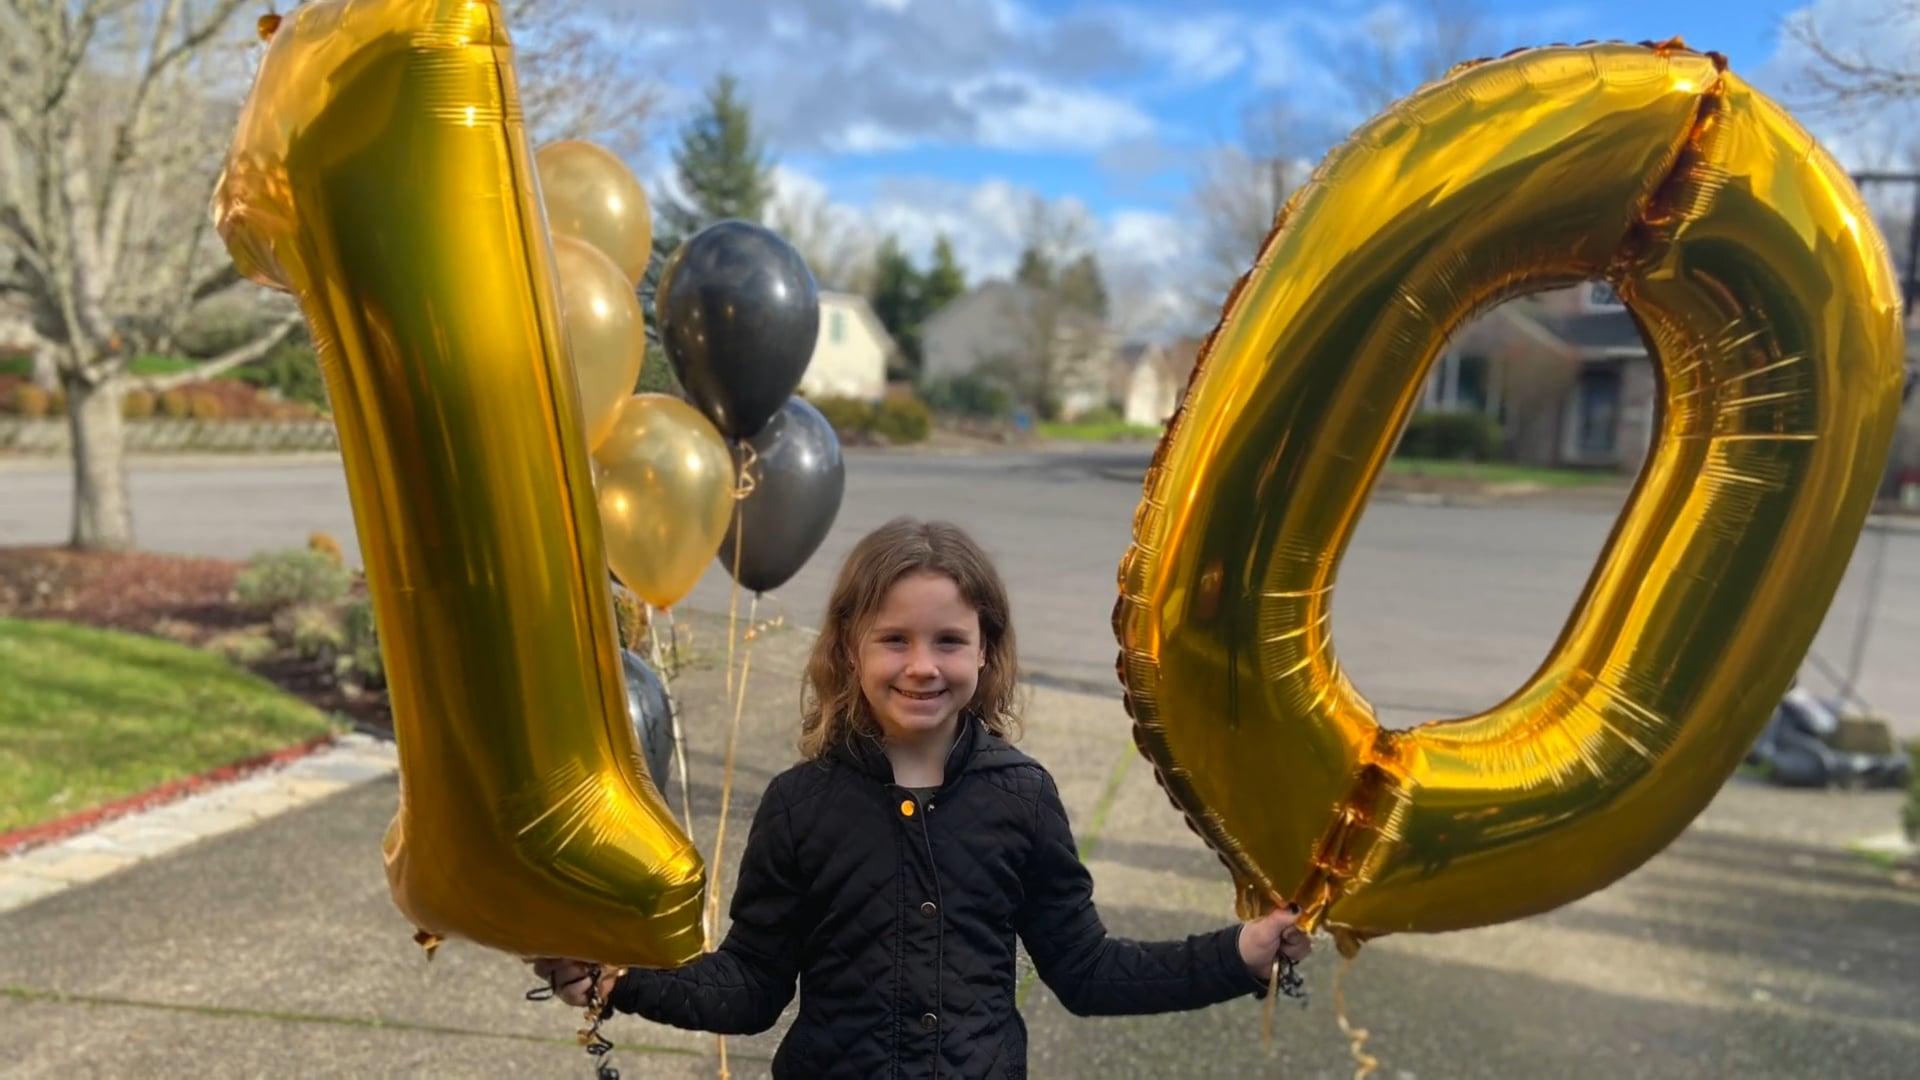 Savannah's 10th Birthday